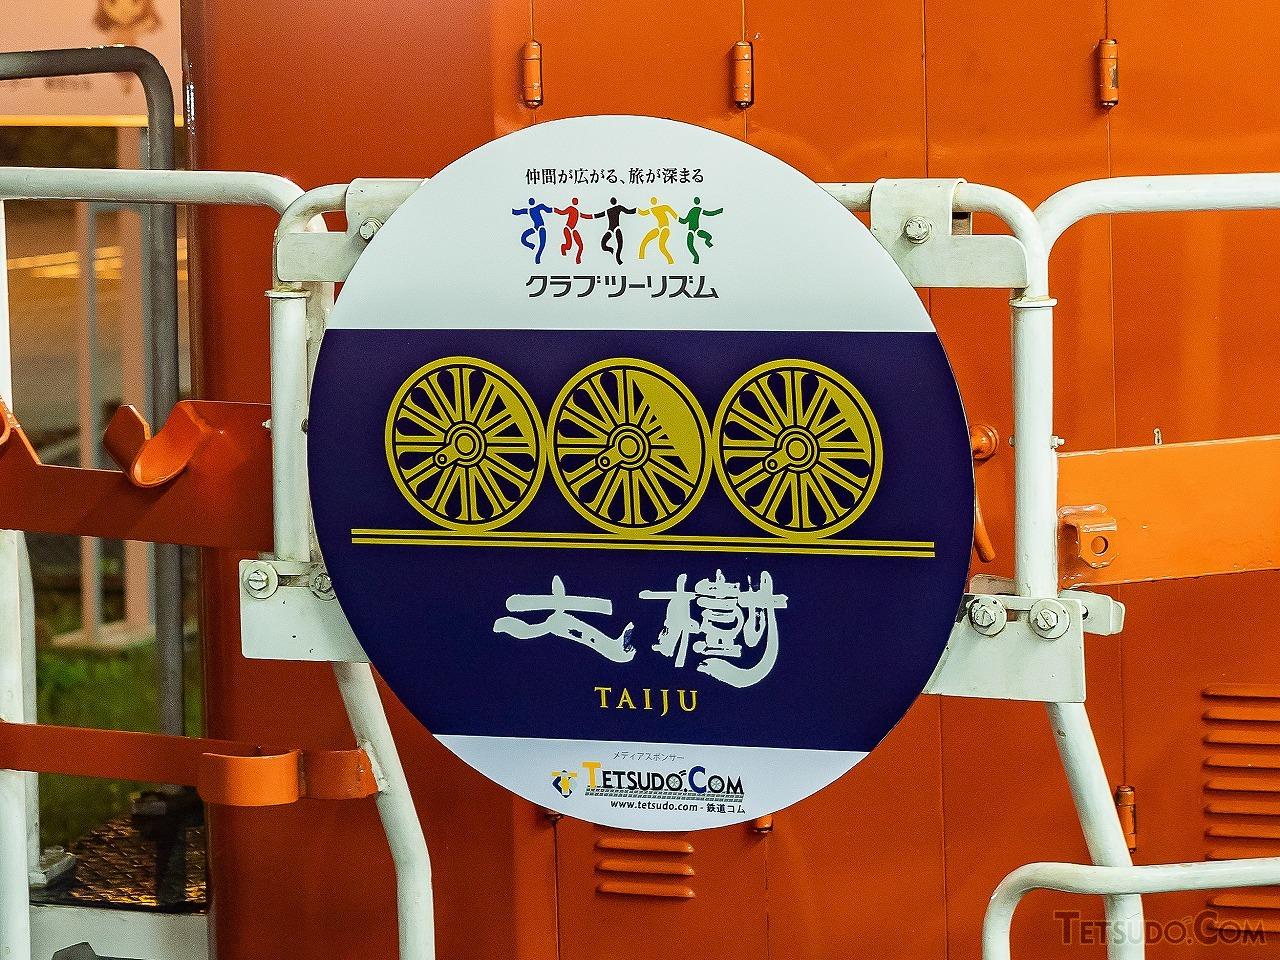 鉄道コムのロゴが入ったオリジナルヘッドマーク